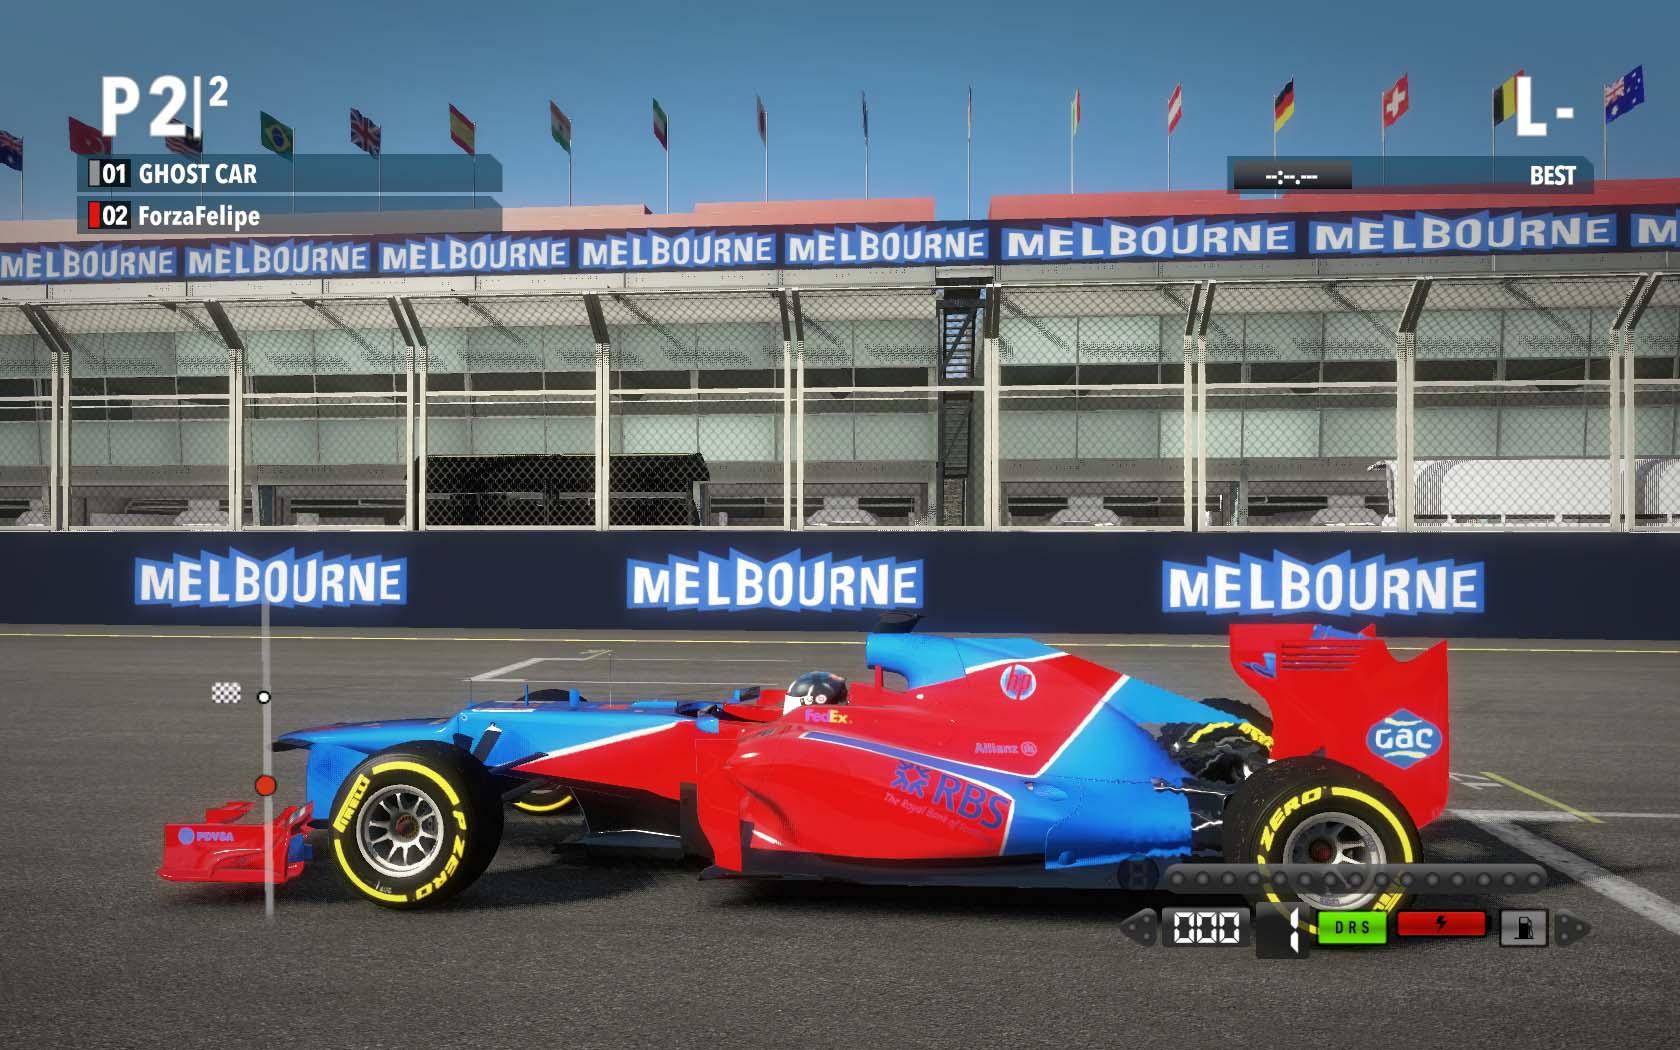 F1_2012 2013-03-29 14-58-40-61.jpg